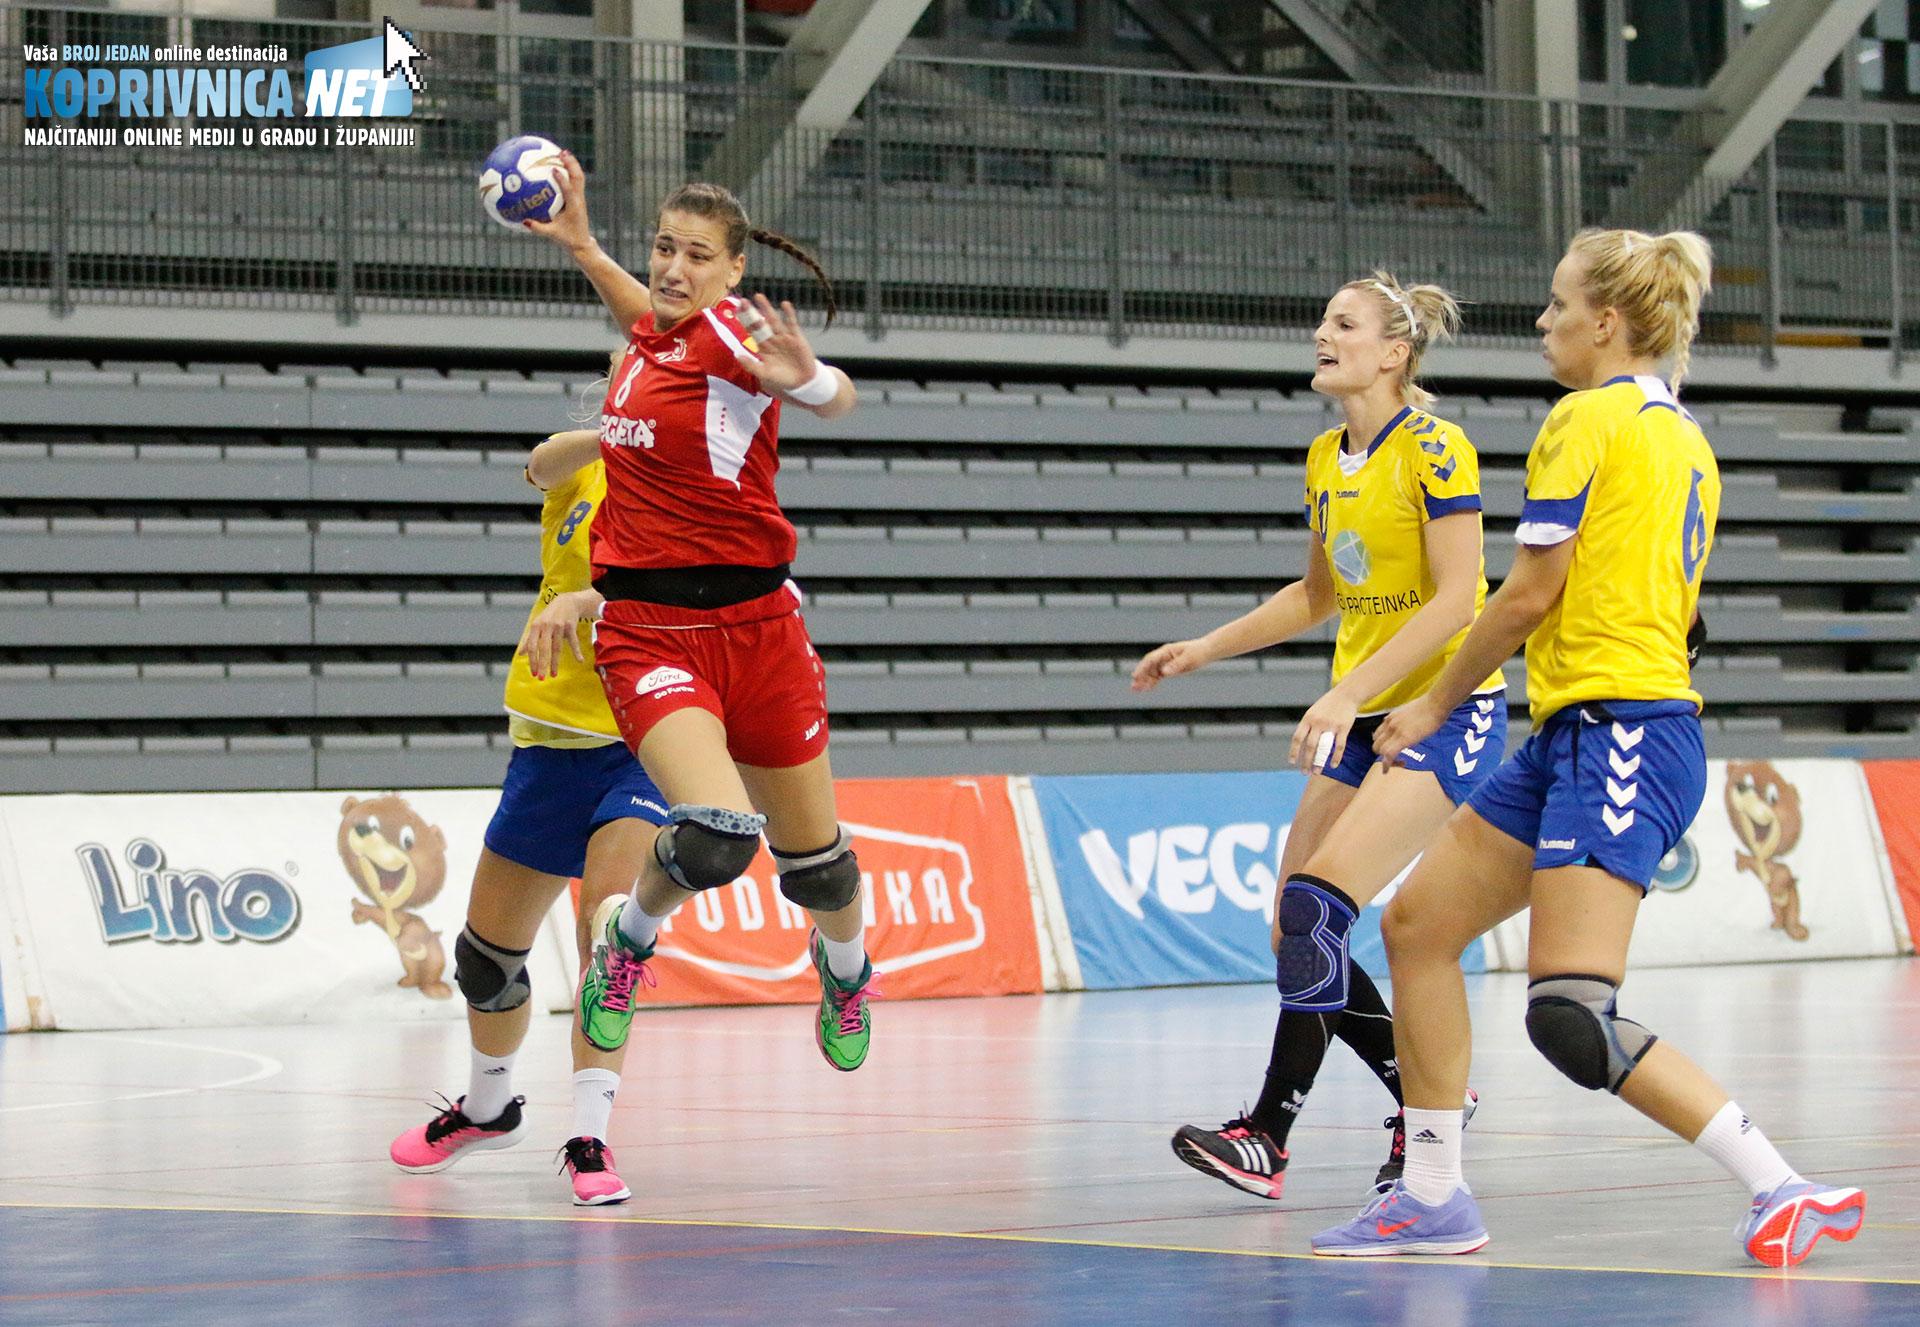 Selena Milošević dirigirala je Podravkinom igrom i postigla pet pogodaka // Foto: Mario Kos